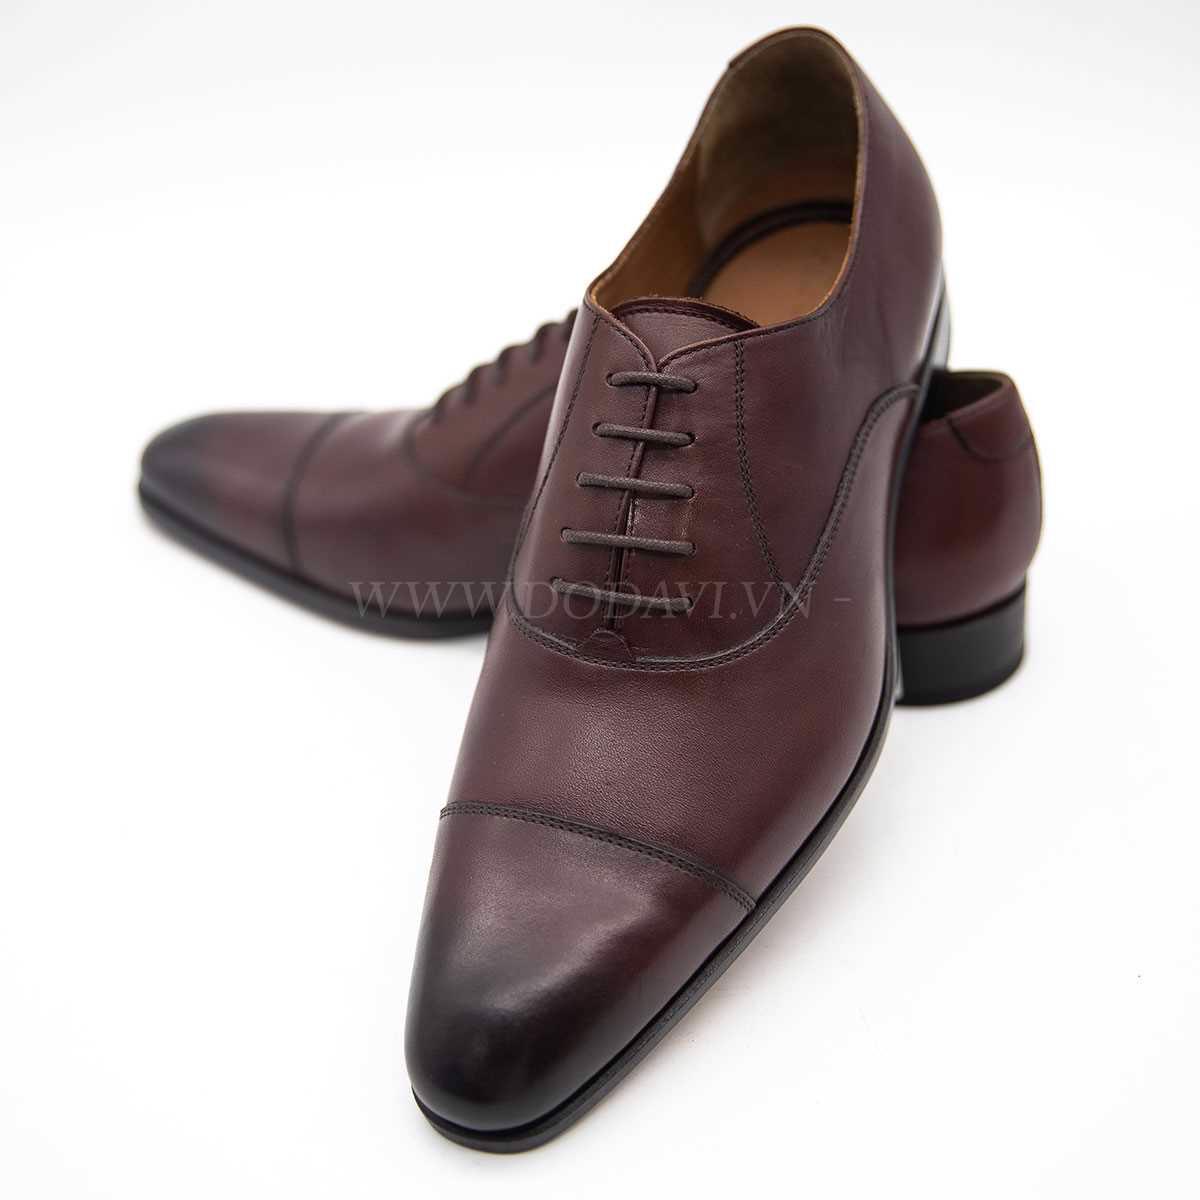 Giày đế da 70302N42